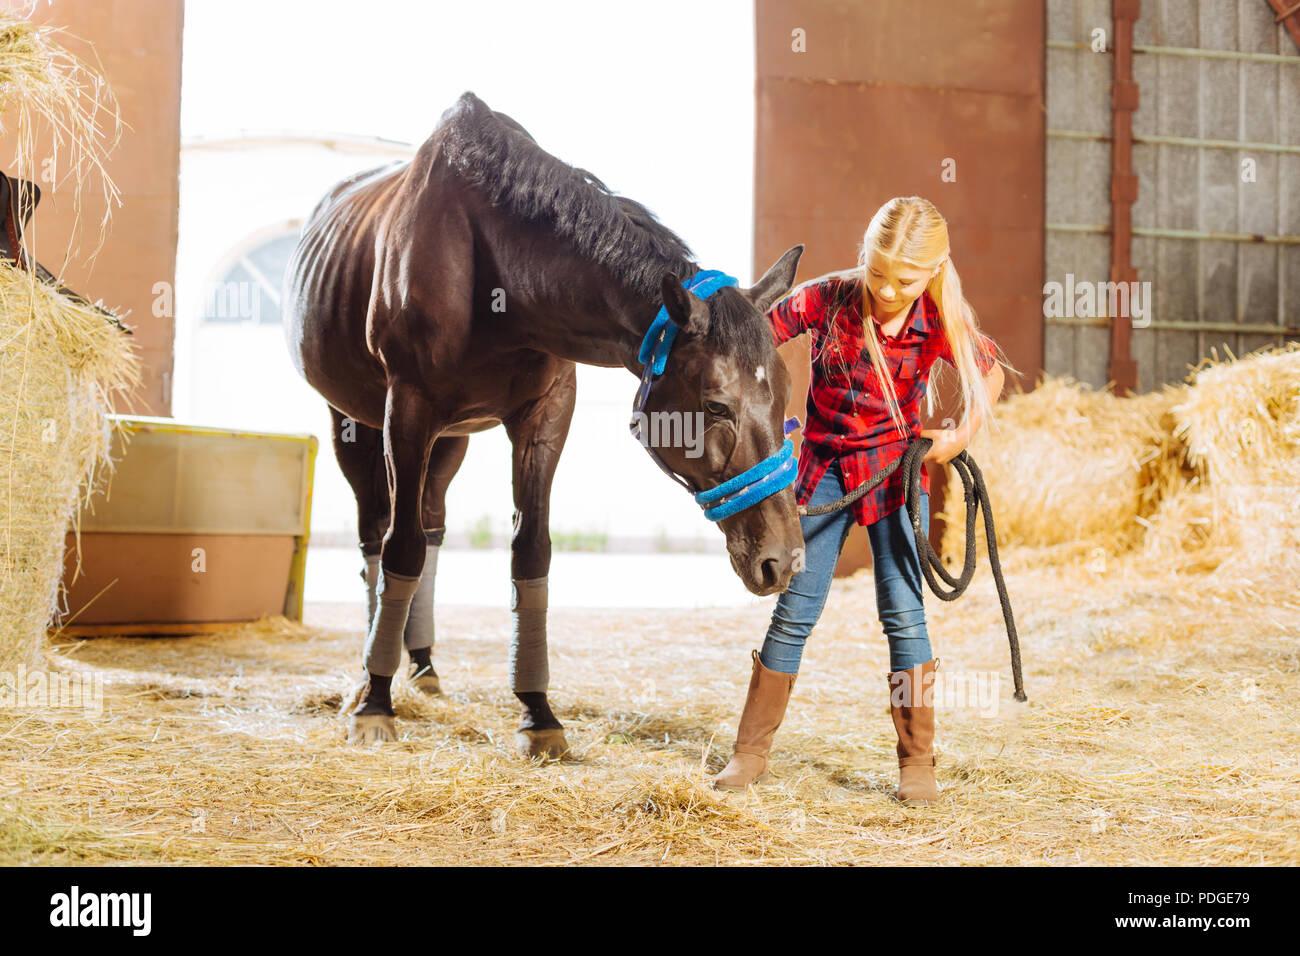 Strahlende Schülerin in Tour in stabilen und führenden Pferd Stockbild